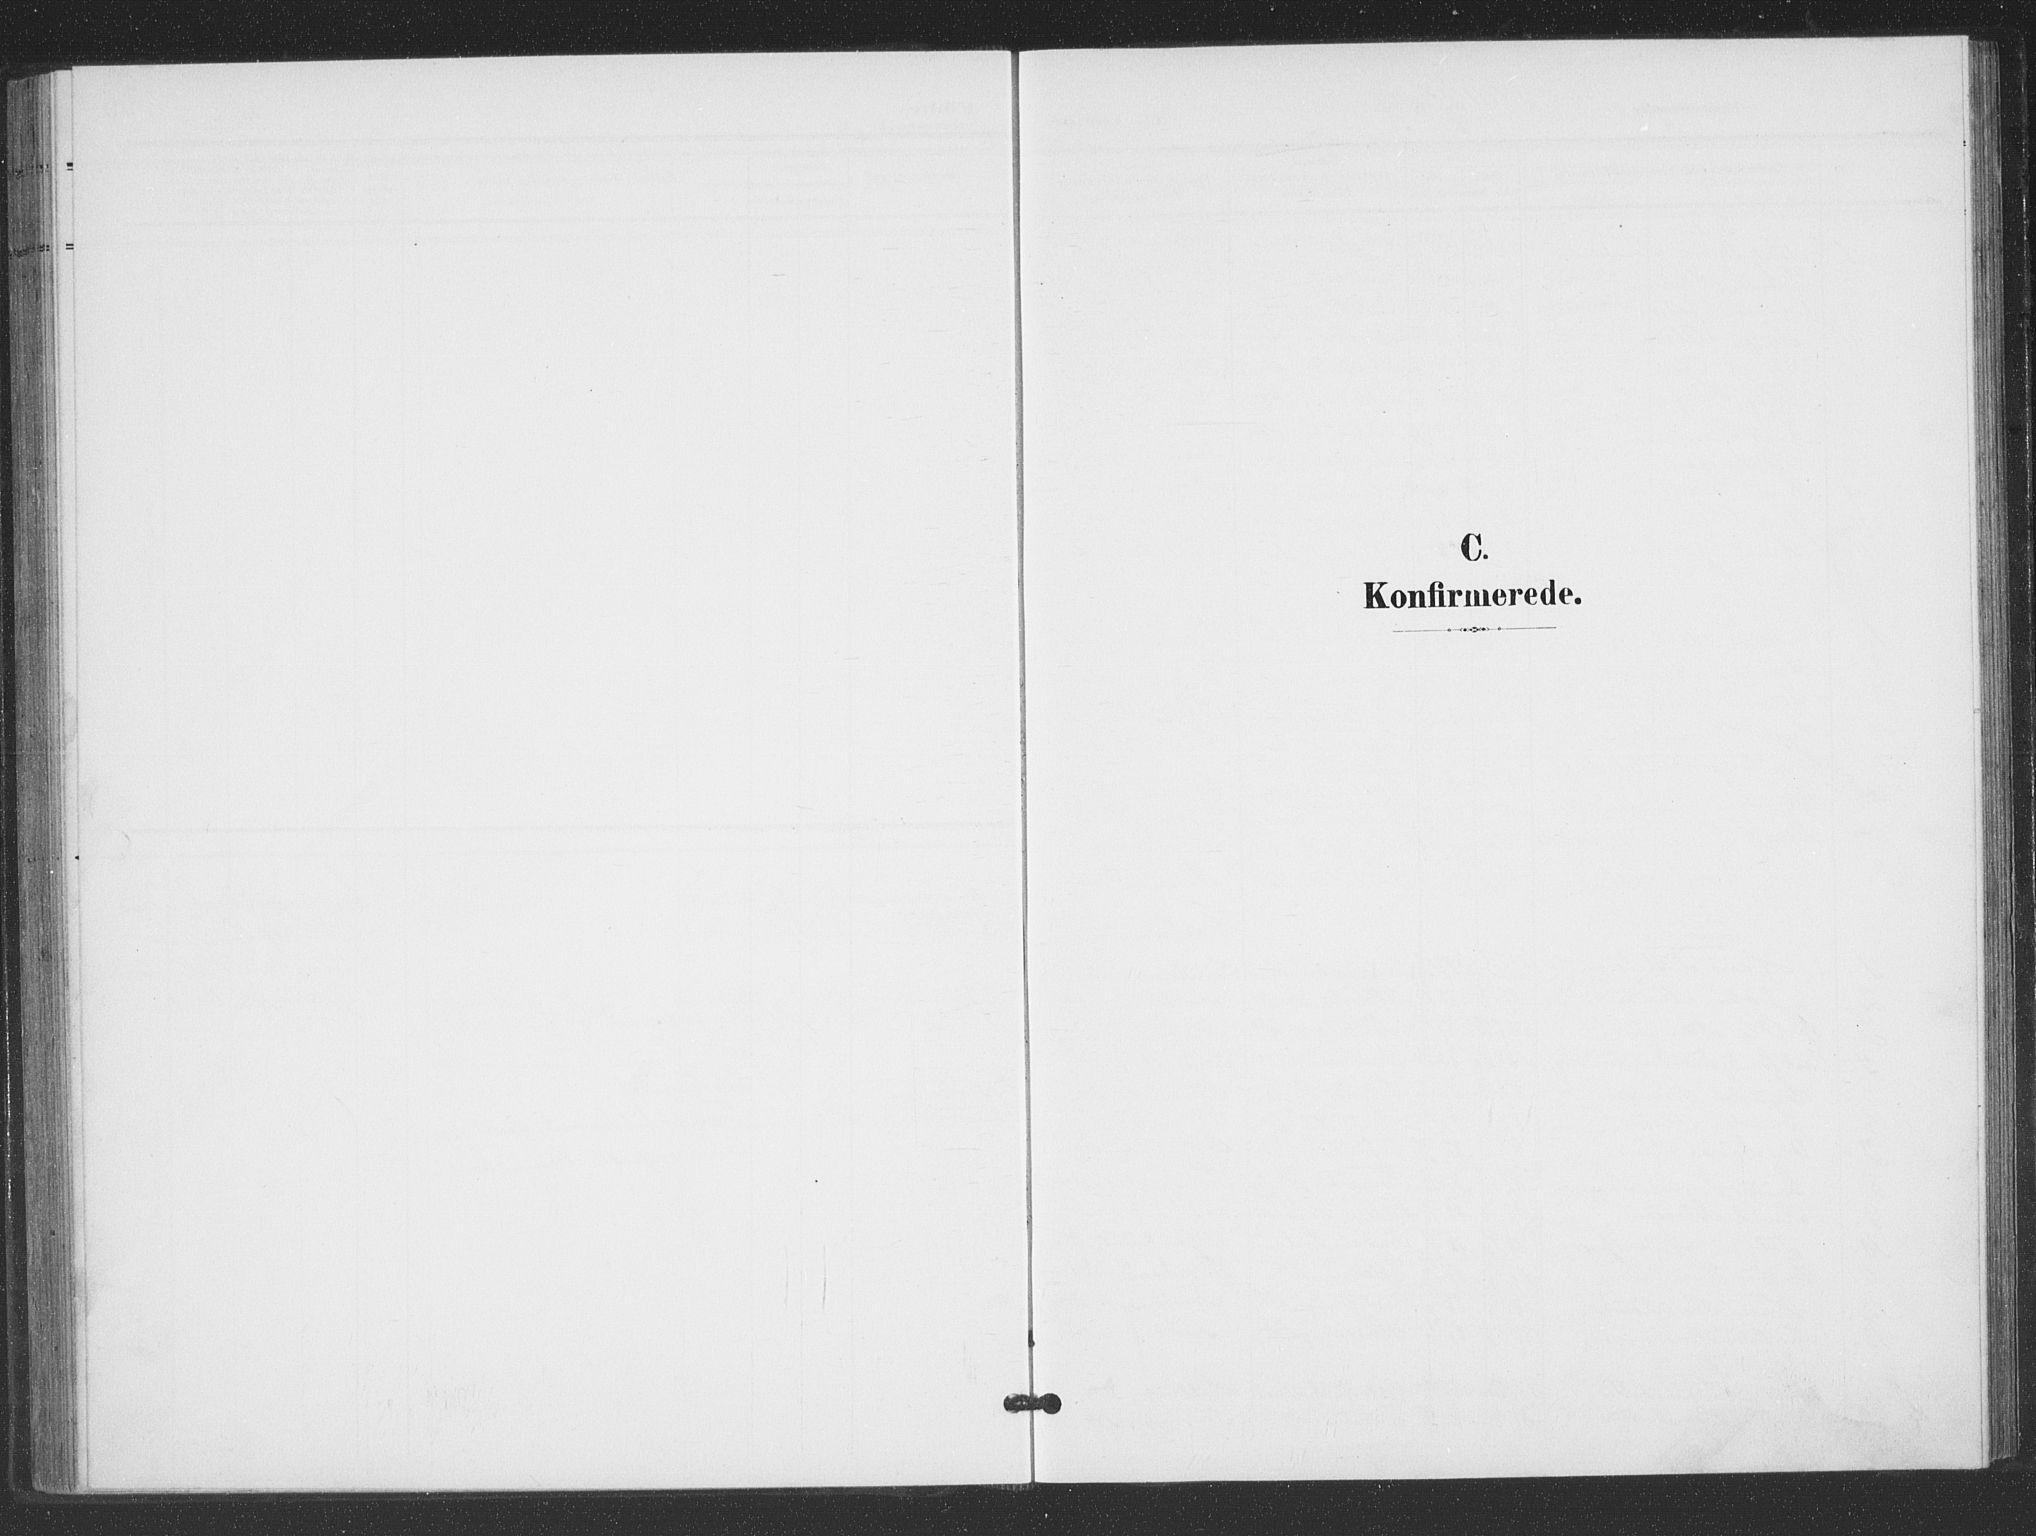 SAK, Evje sokneprestkontor, F/Fb/Fbc/L0005: Klokkerbok nr. B 5, 1901-1935